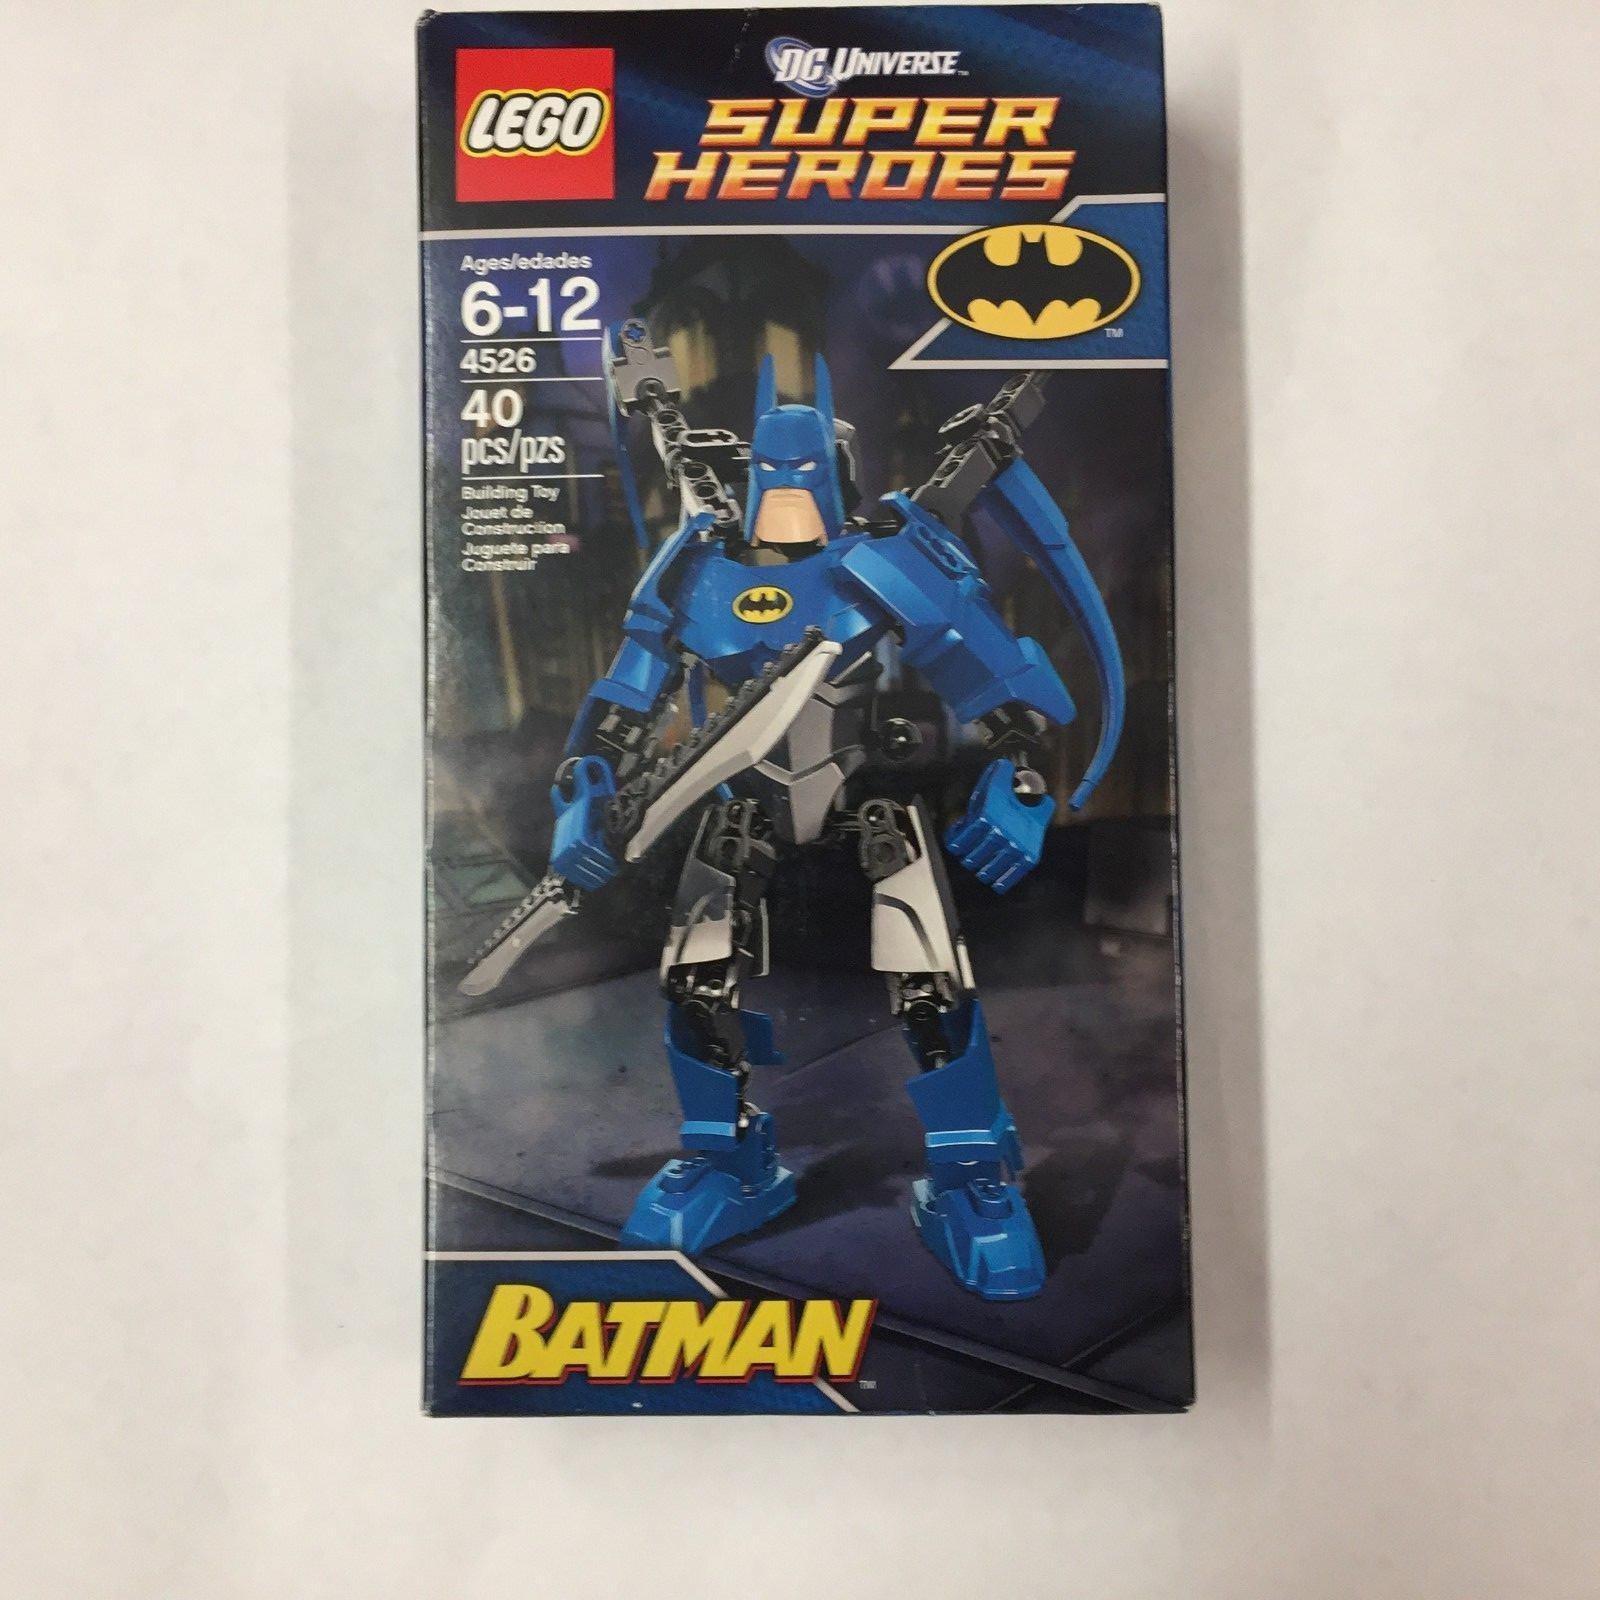 Lego Batman 4526 Super Heroes